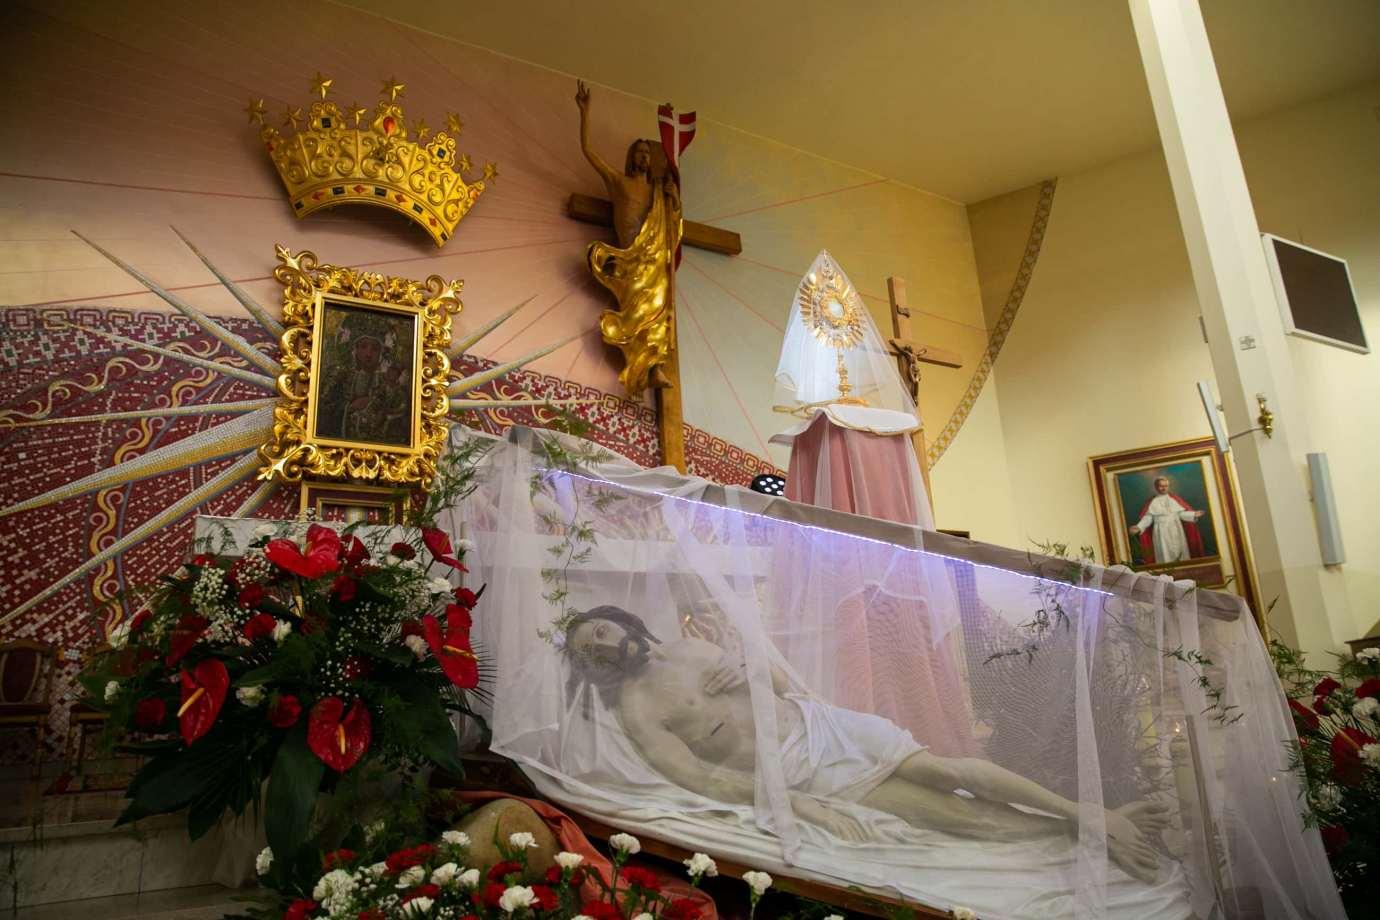 parafia pw matki bozej krolowej polski w zamosciu 11 Zdjęcia grobów pańskich w zamojskich świątyniach